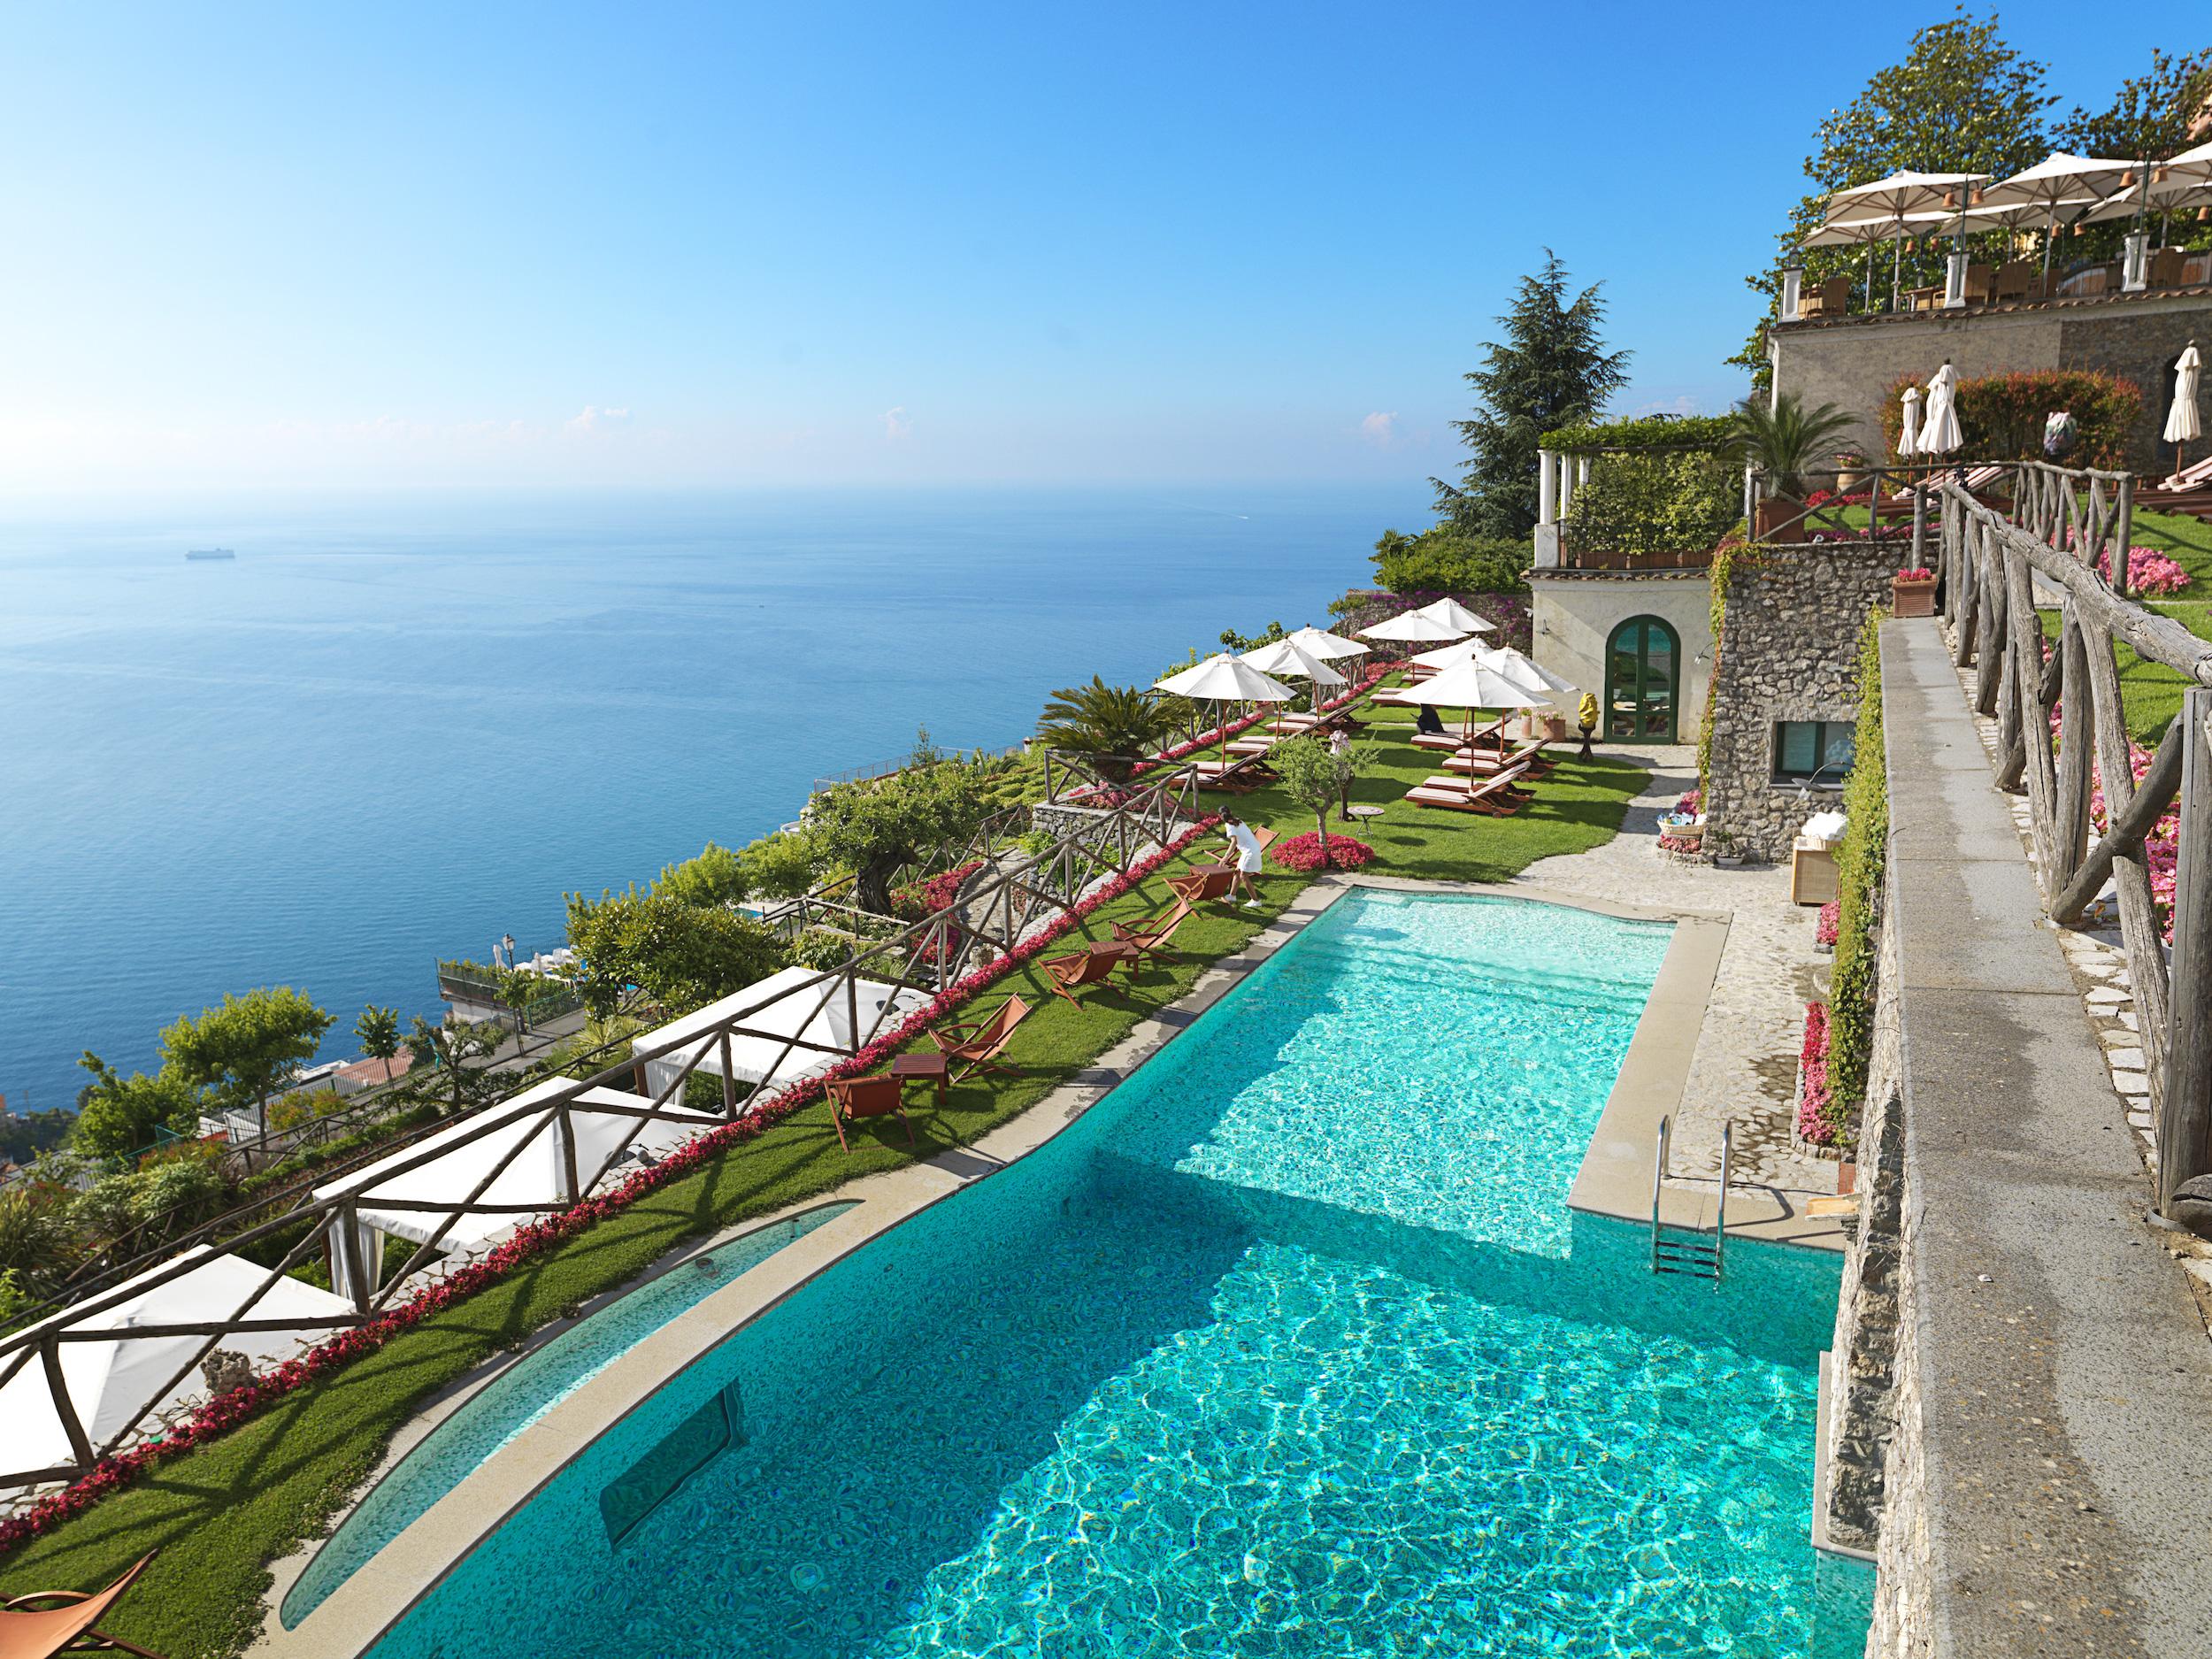 palazzo-avino-swimming-pool-2.jpg